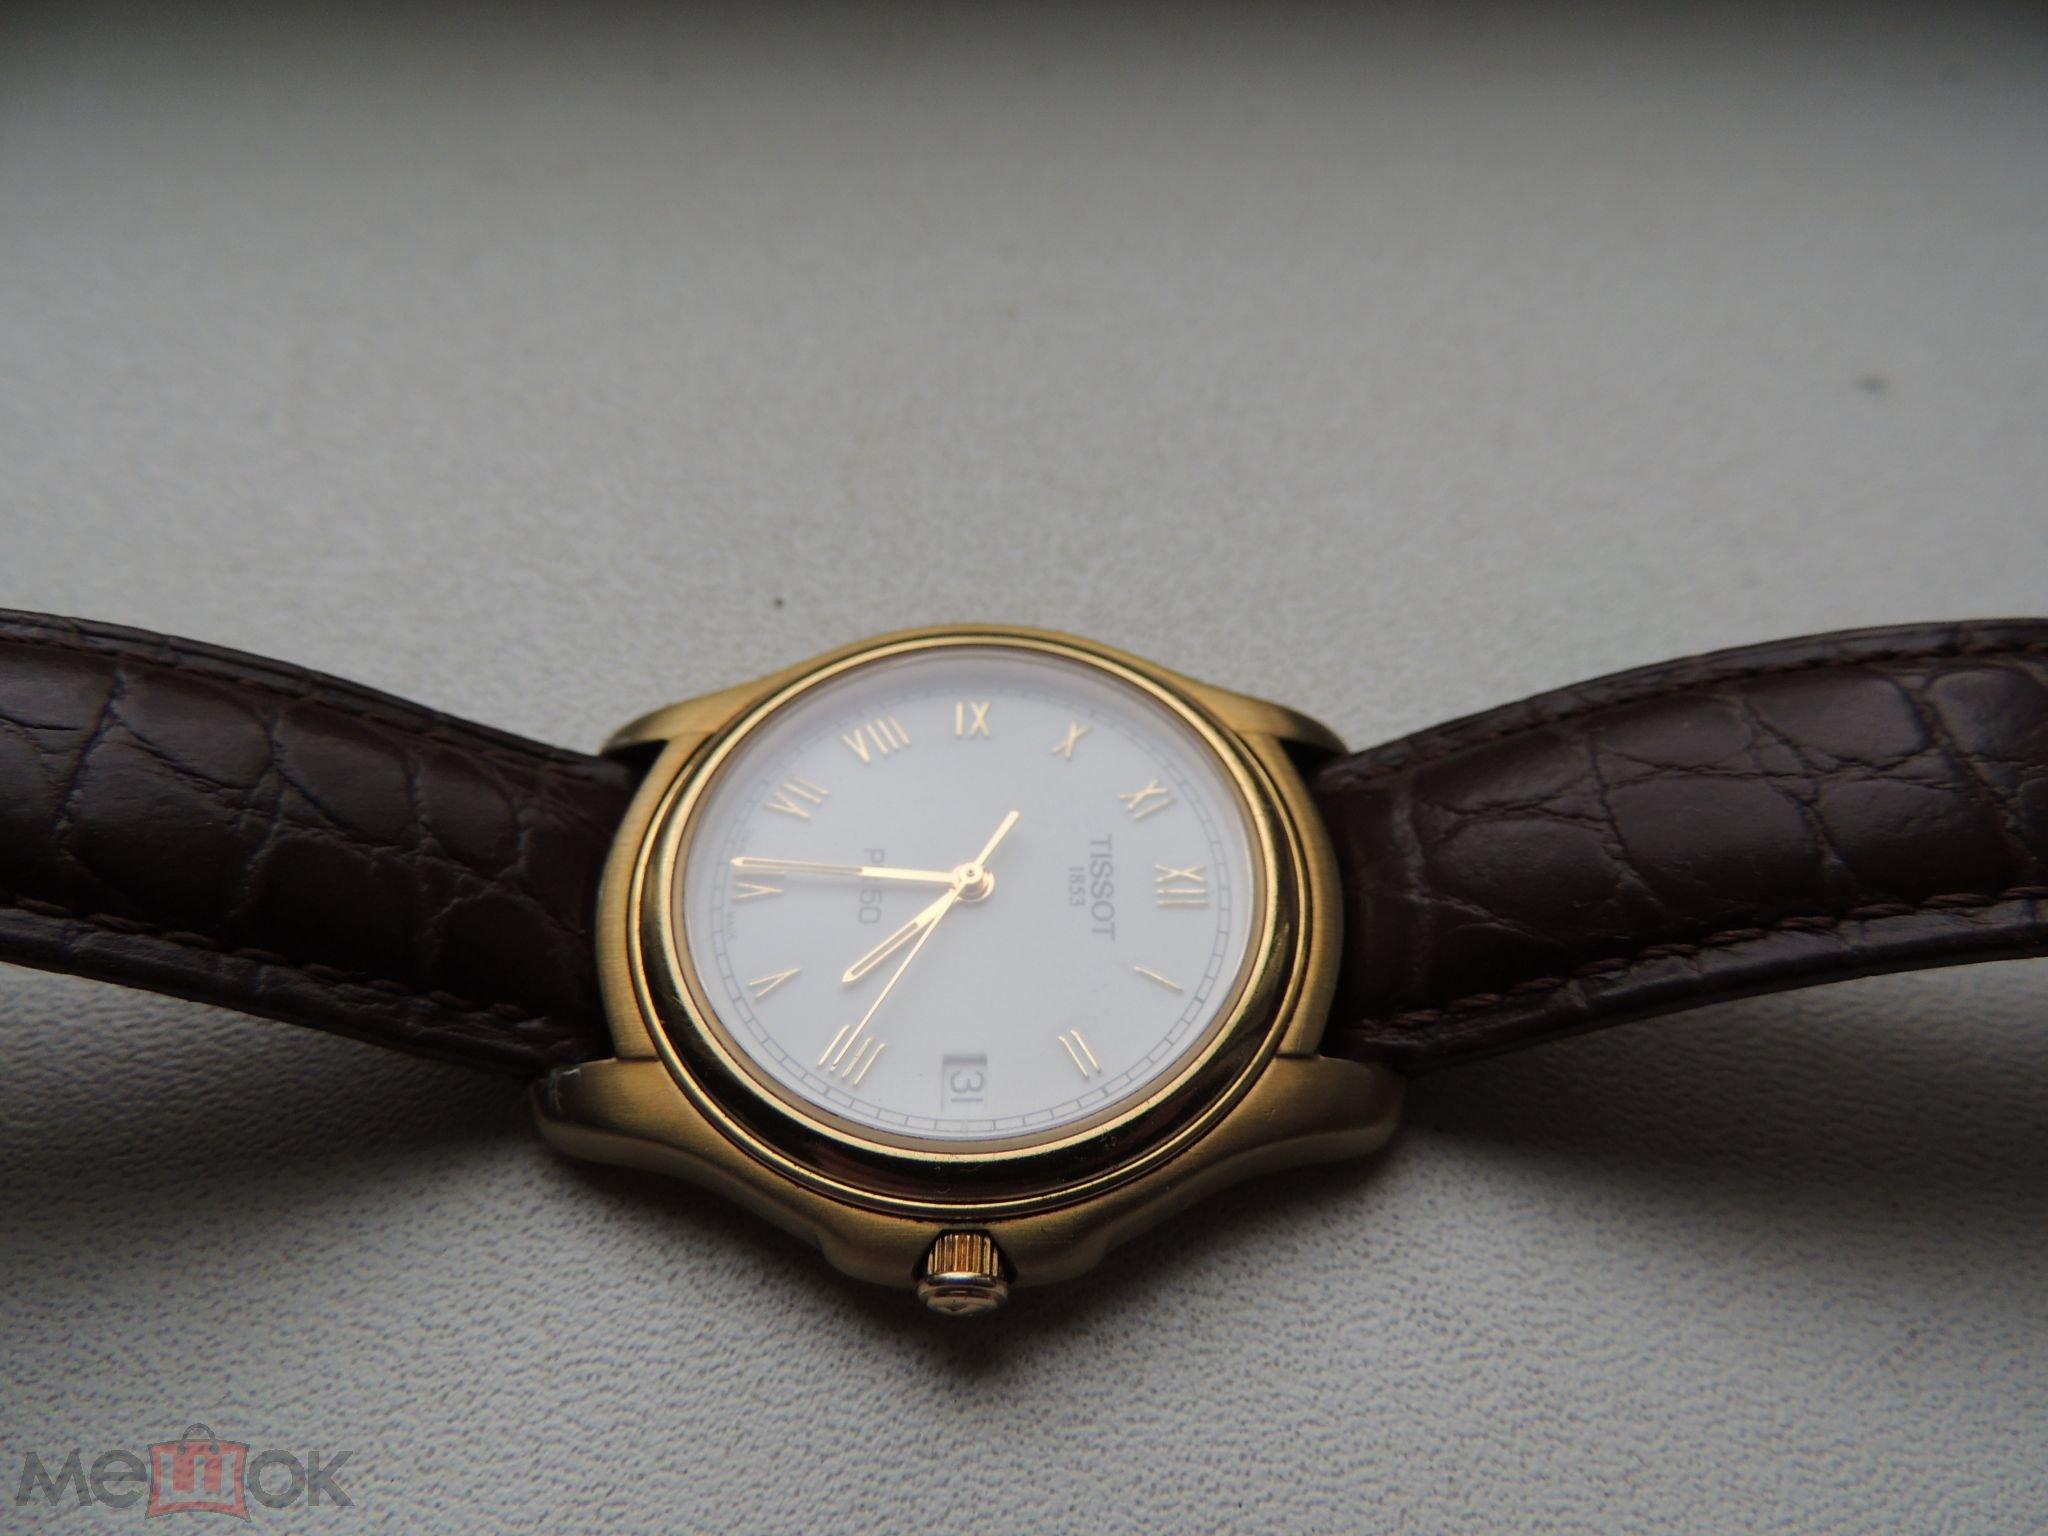 Бренд слился с семейством omega в году, а хронографы tissot-omega с этой эпохи ищут коллекционеры.